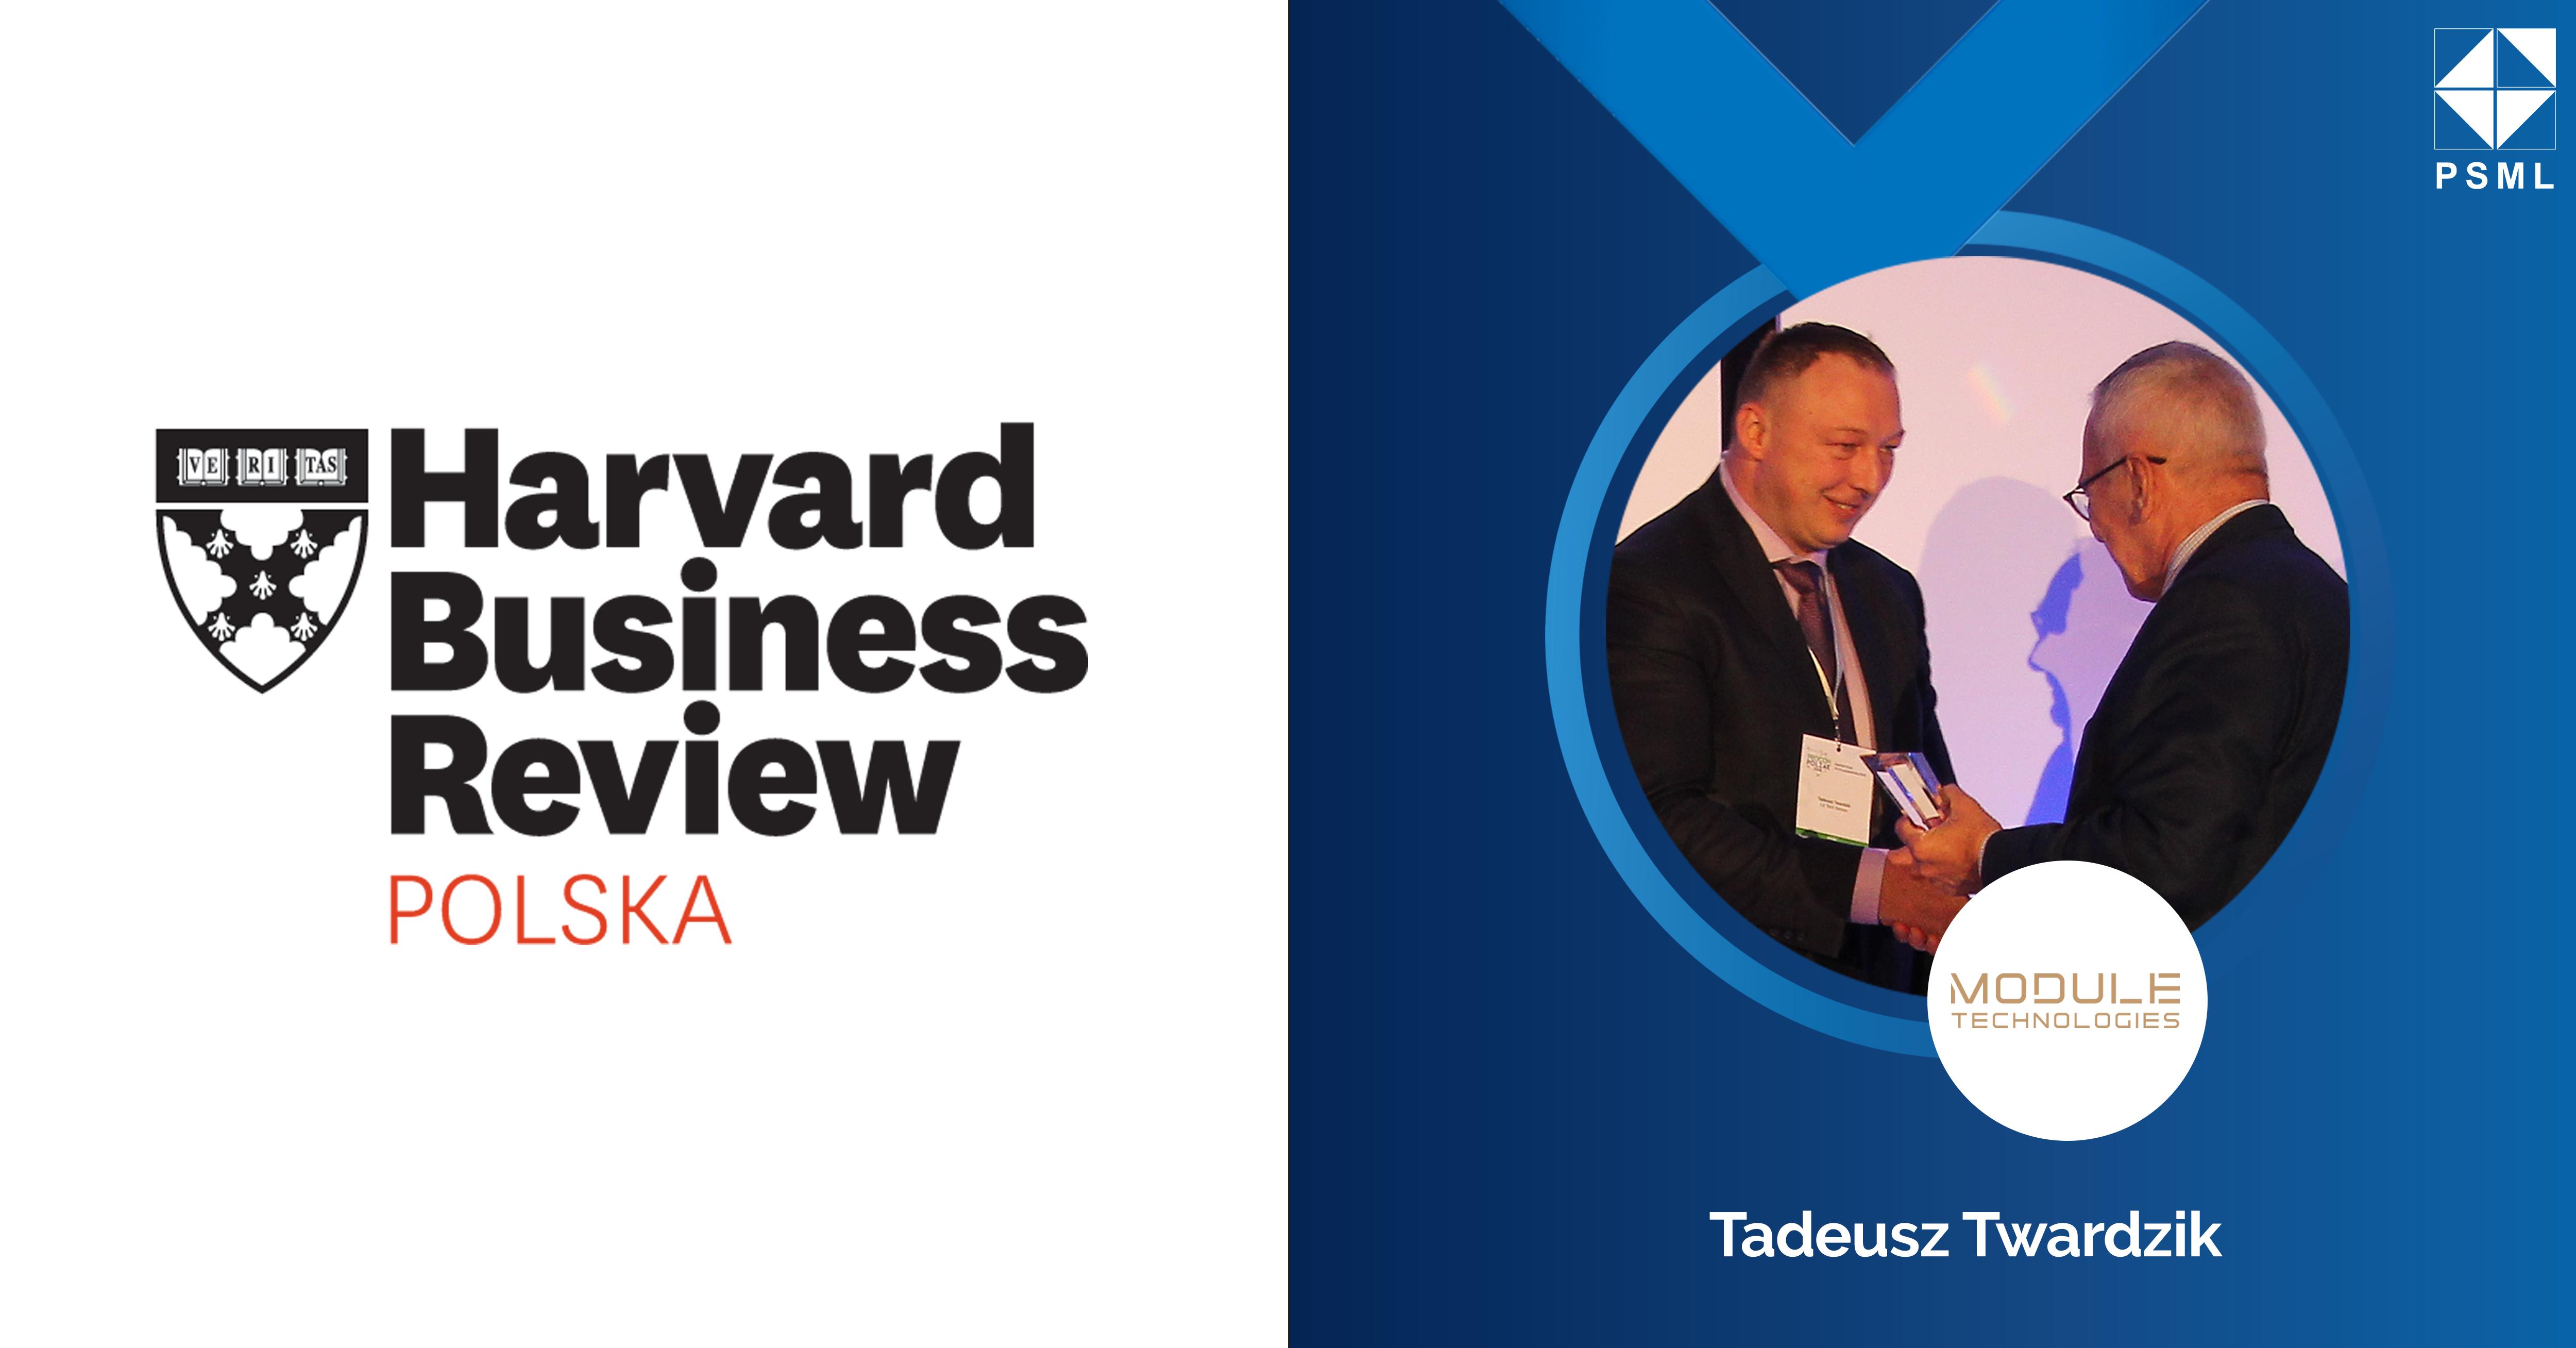 Od zakupowca do innowatora – LIDER ZAKUPÓW 2018 w Harvard Business Review